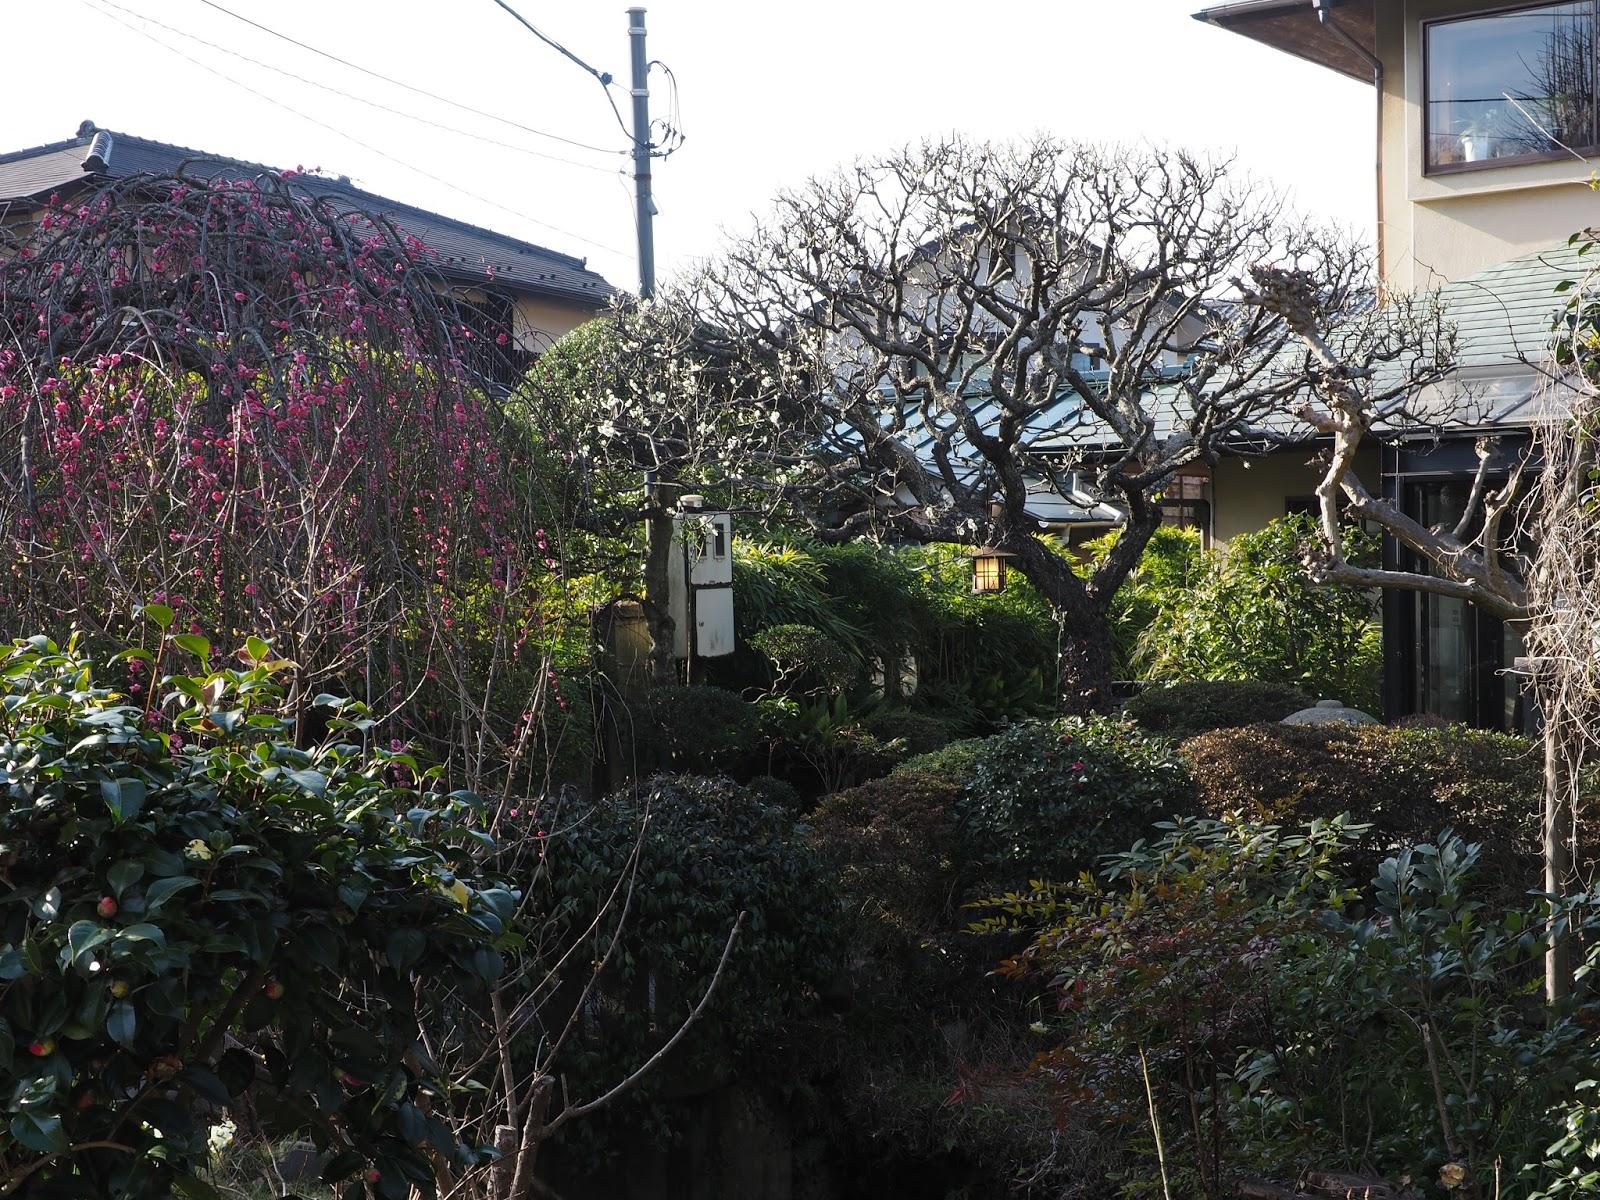 kanagawa japan landscape